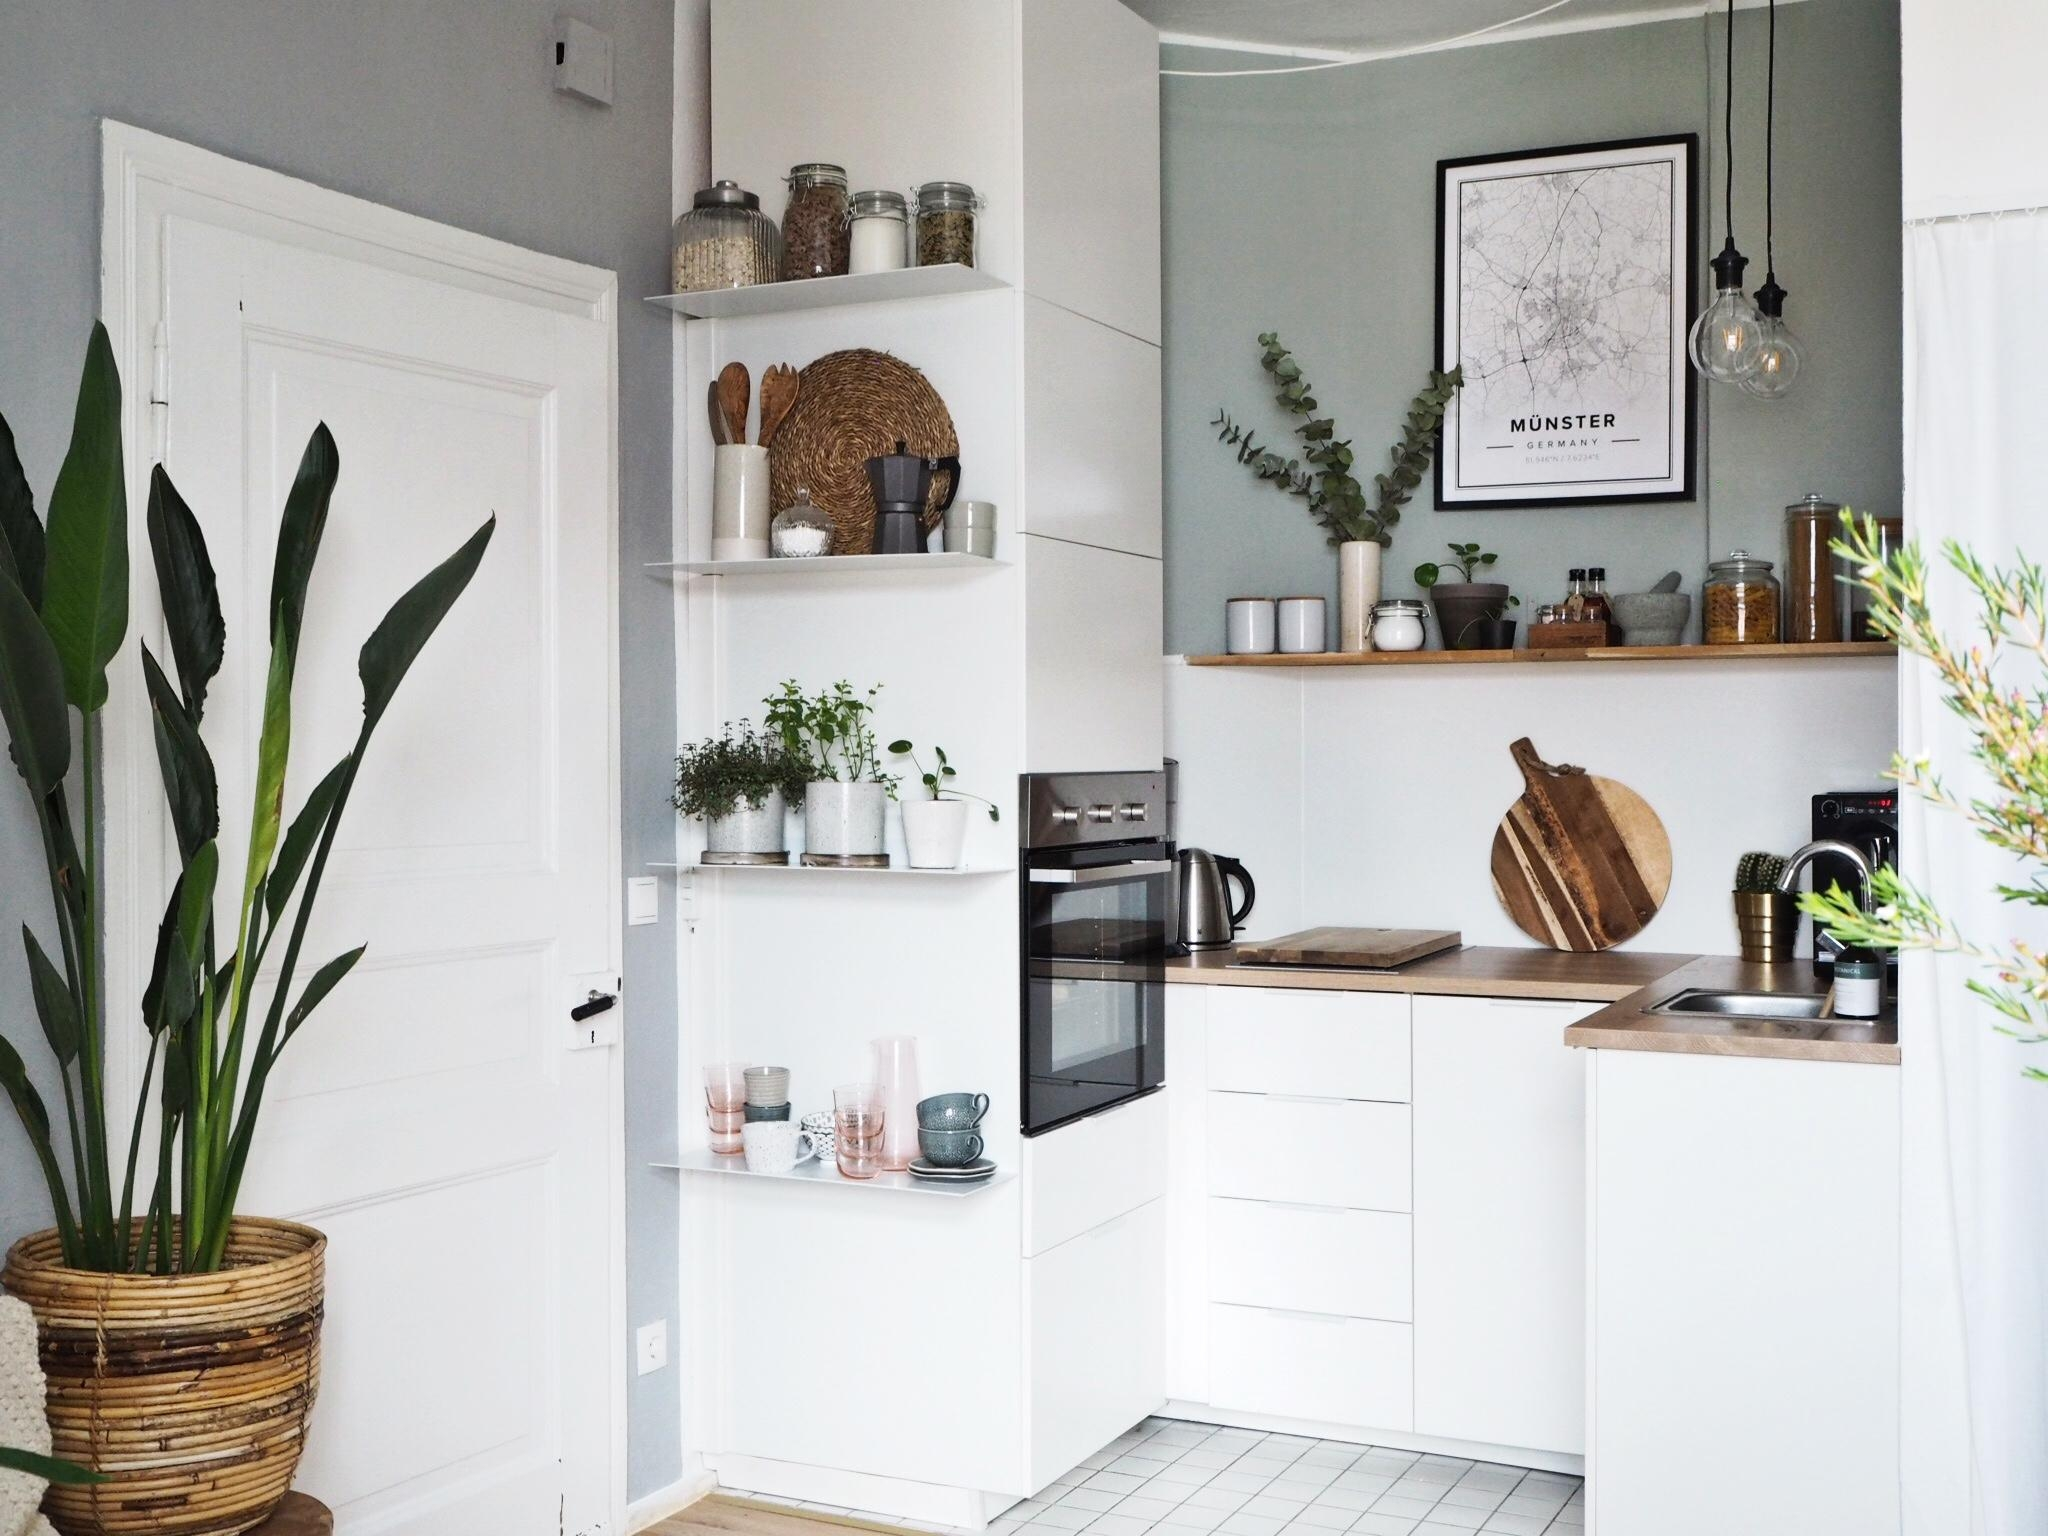 Full Size of Kleine Kchen Grer Machen So Gehts Küchen Regal Wohnzimmer Tapeten Ideen Bad Renovieren Wohnzimmer Küchen Ideen